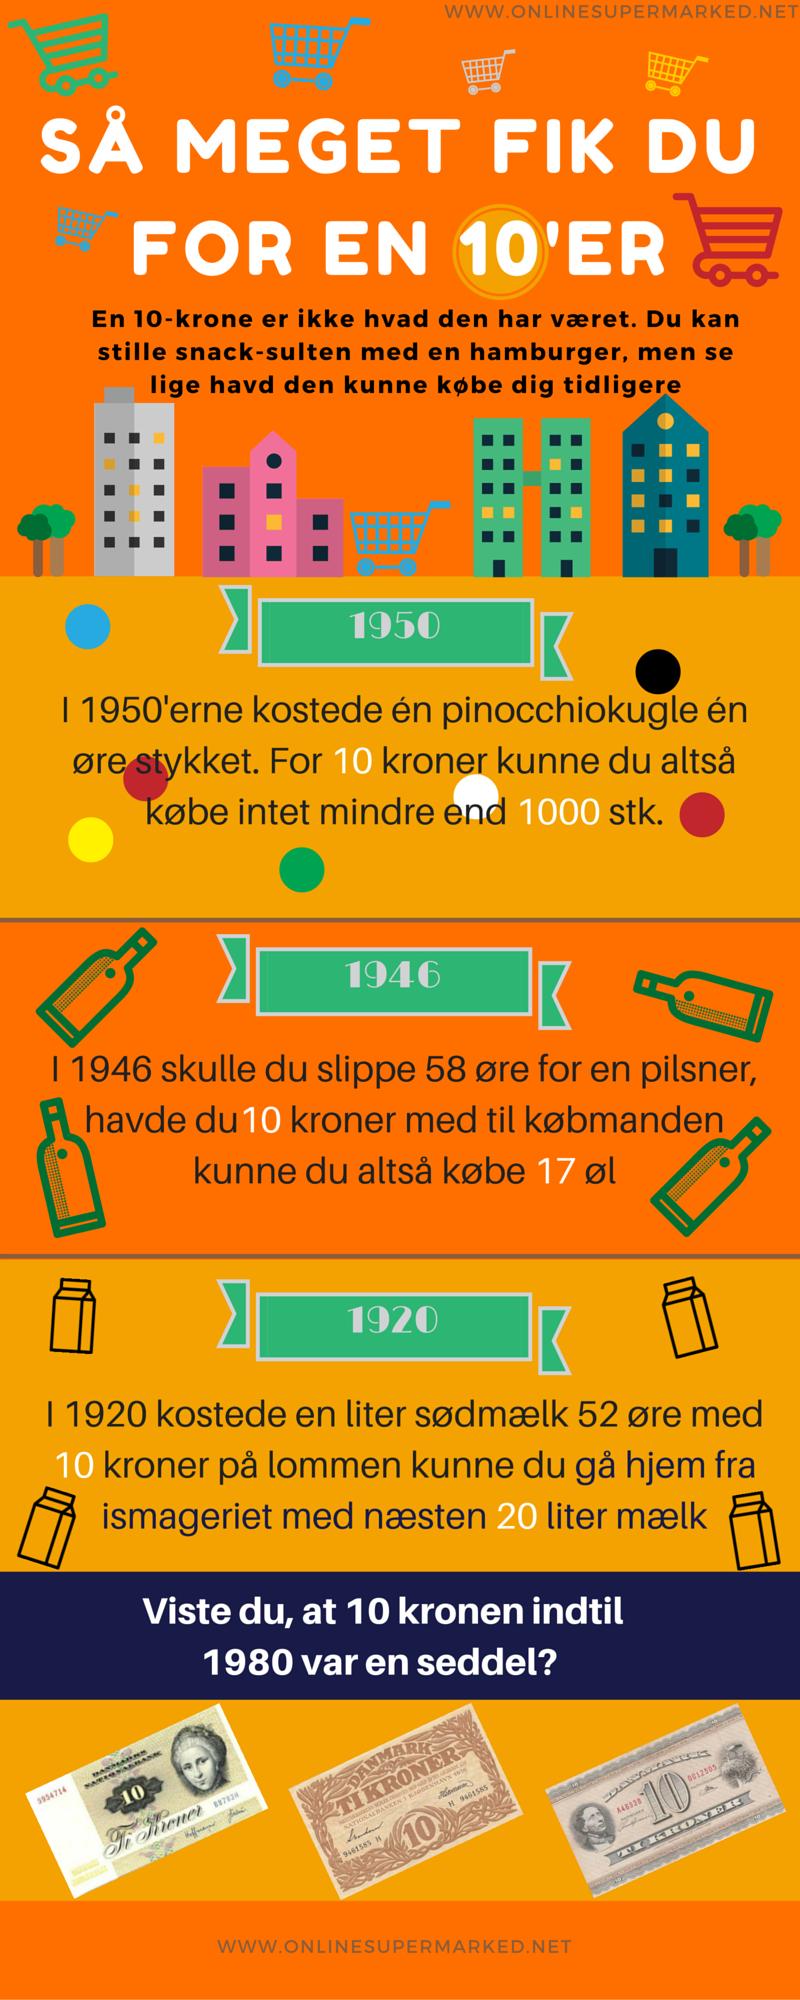 hoej_10-kroner-supermarked